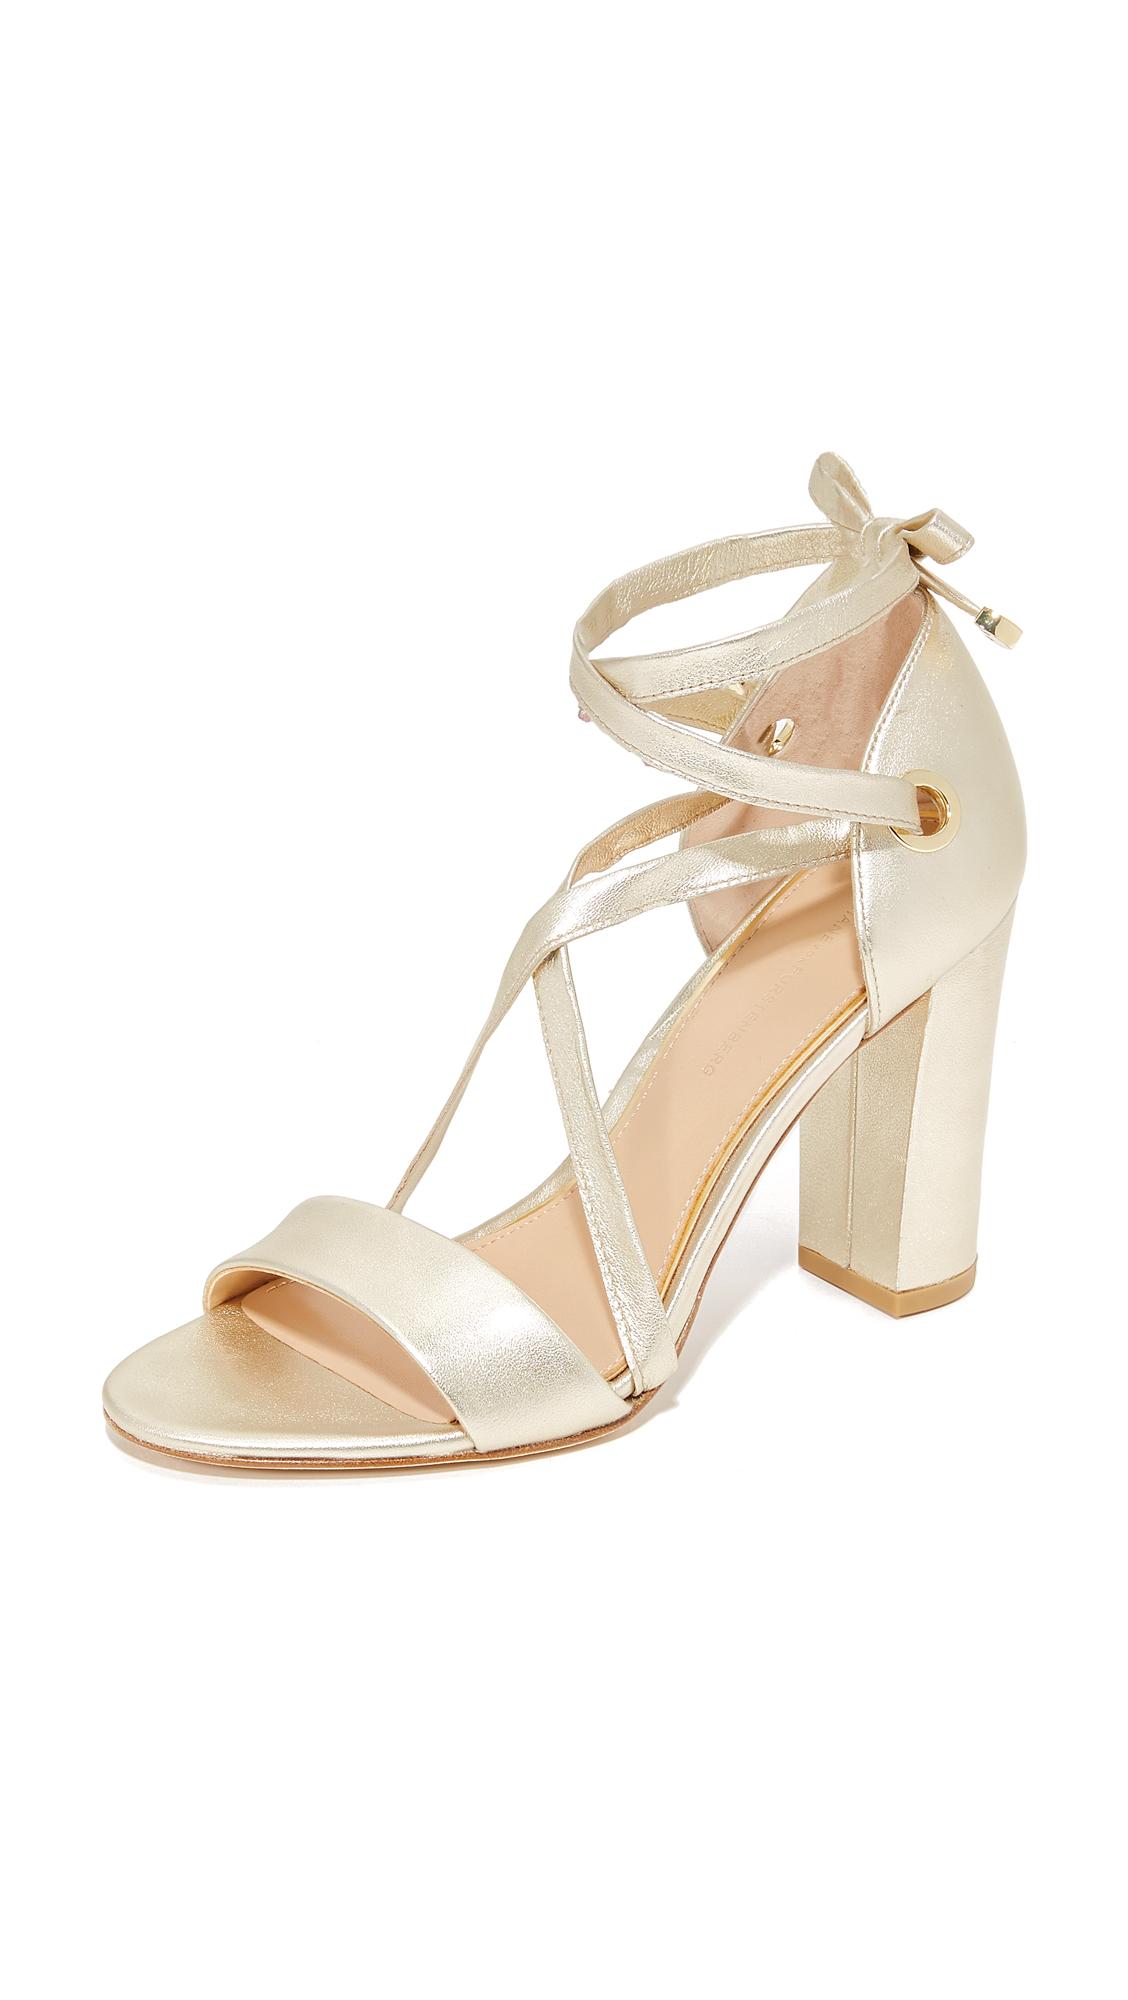 748457df92c Diane von Furstenberg Calabar Sandals